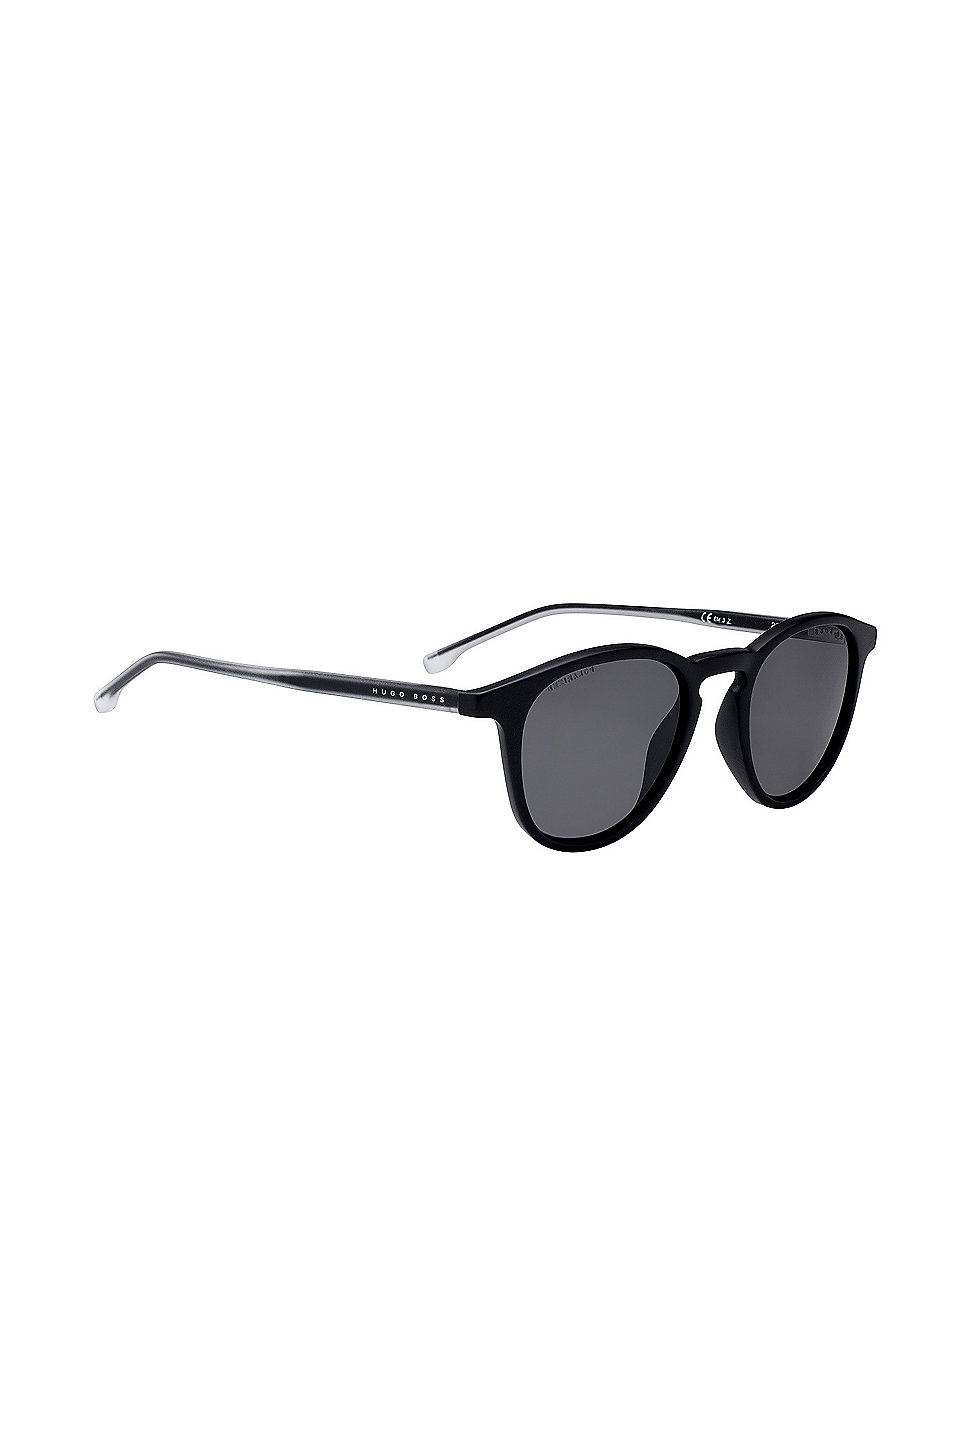 preisreduziert 2019 authentisch Steckdose online BOSS - Sonnenbrille aus Optyl mit polarisierten Gläsern